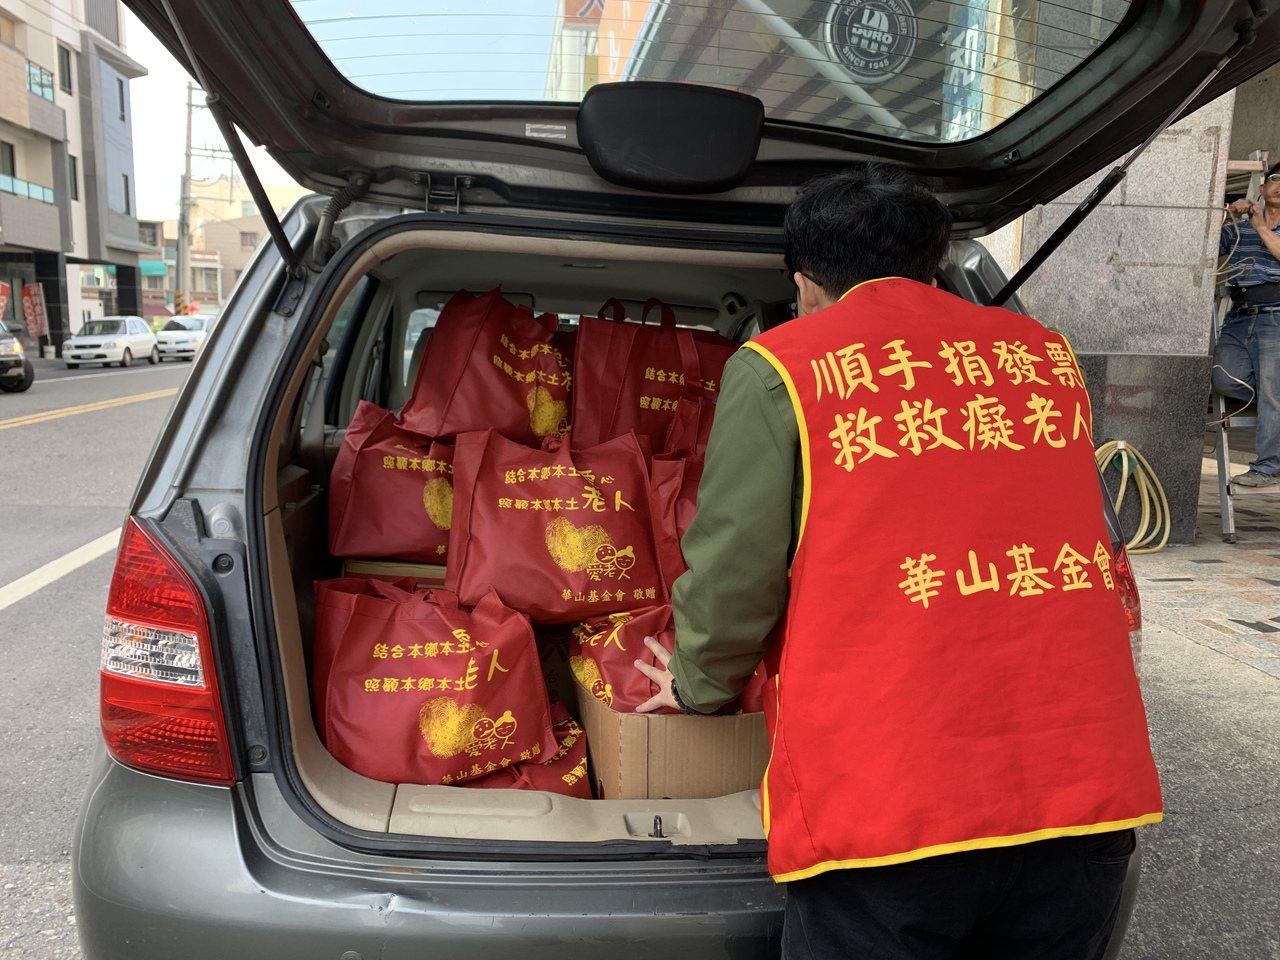 幾天後是春節 華山為孤老募集年菜尚不夠